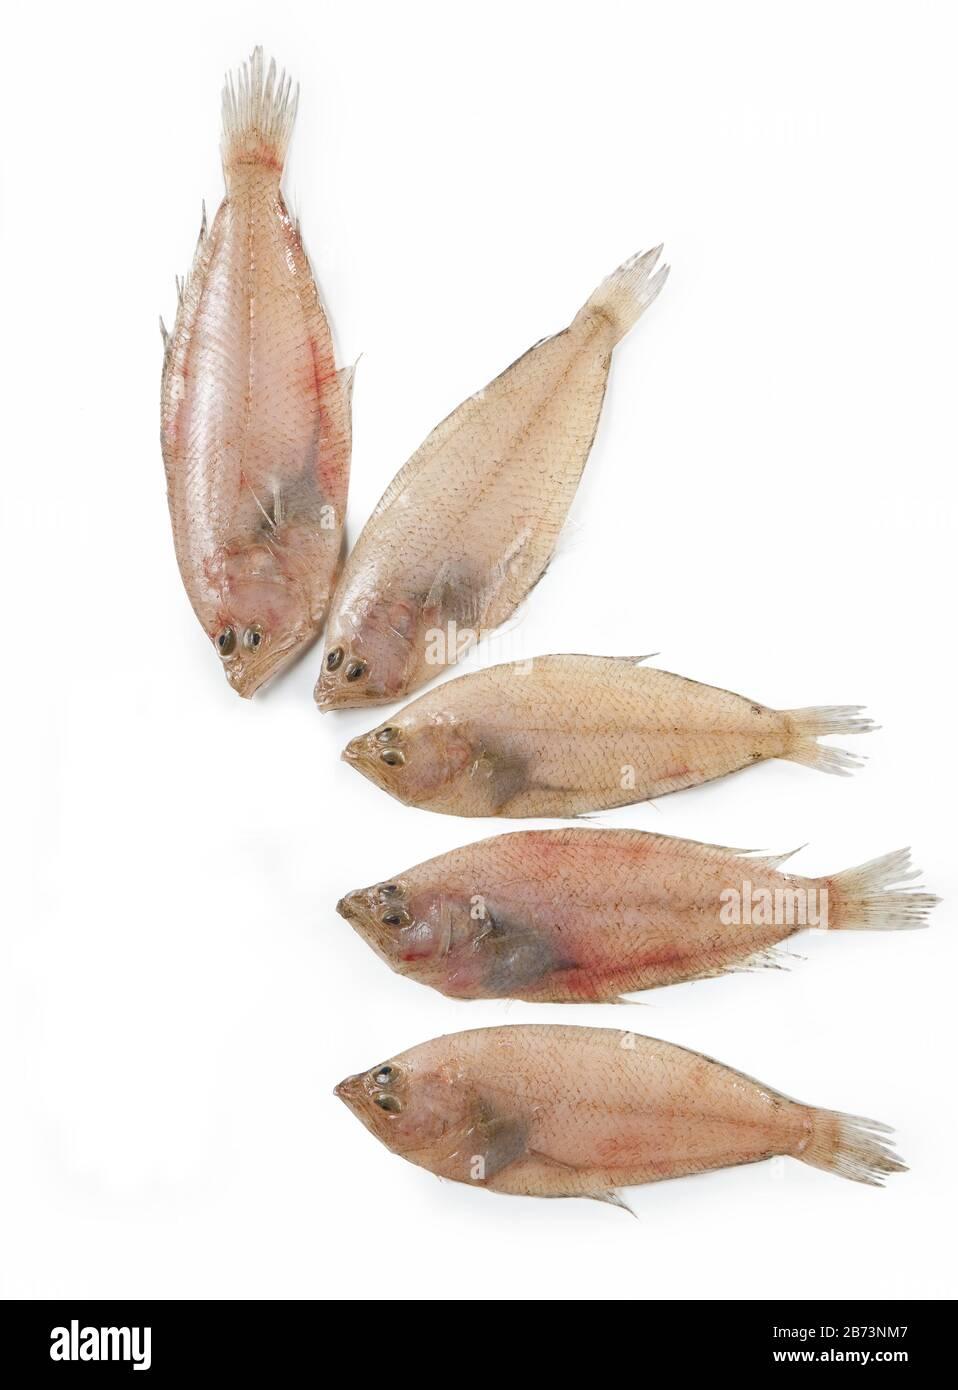 Passera europea, pesce piatto, pesce piatto, pesce piatto, pesce mediterraneo, isolato su sfondo bianco Foto Stock